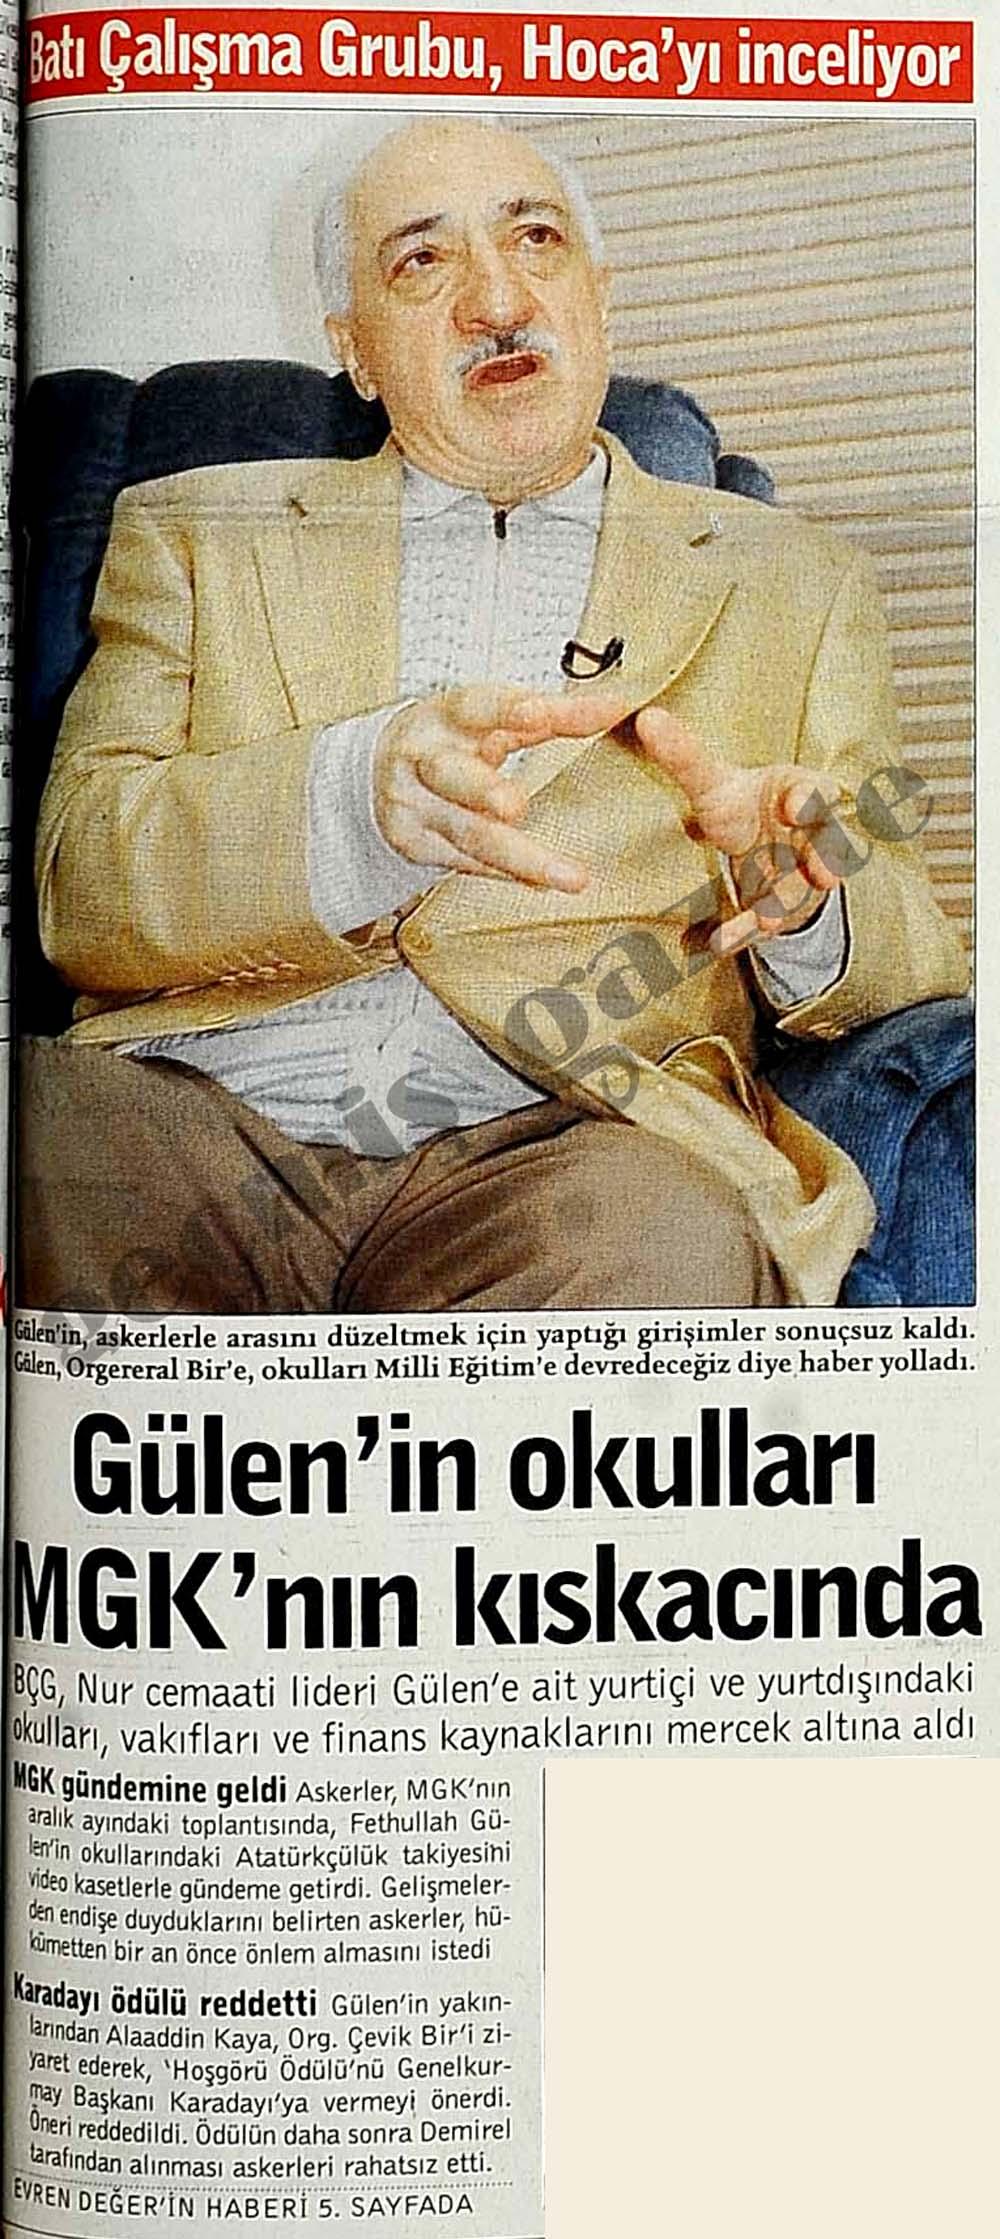 Gülen'in okulları MGK'nın kıskacında